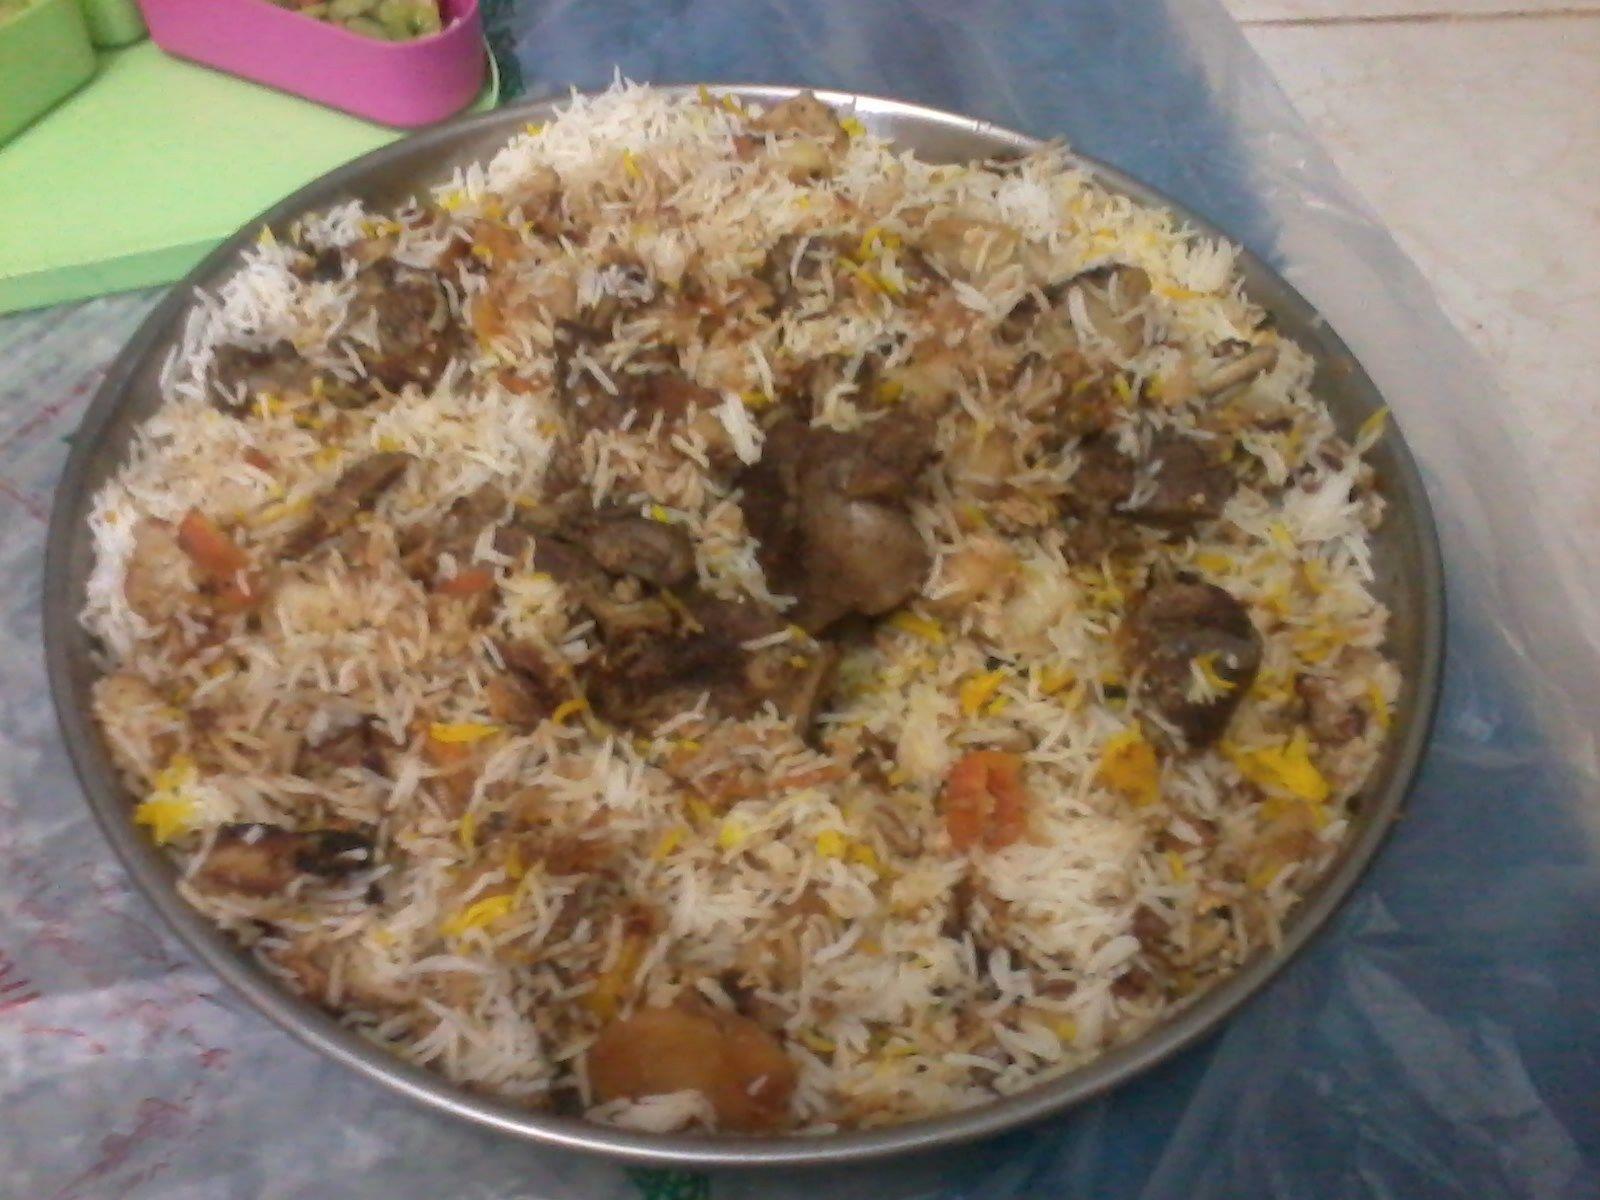 صور اكل شهي كبسه سعودي Food Breakfast Oatmeal